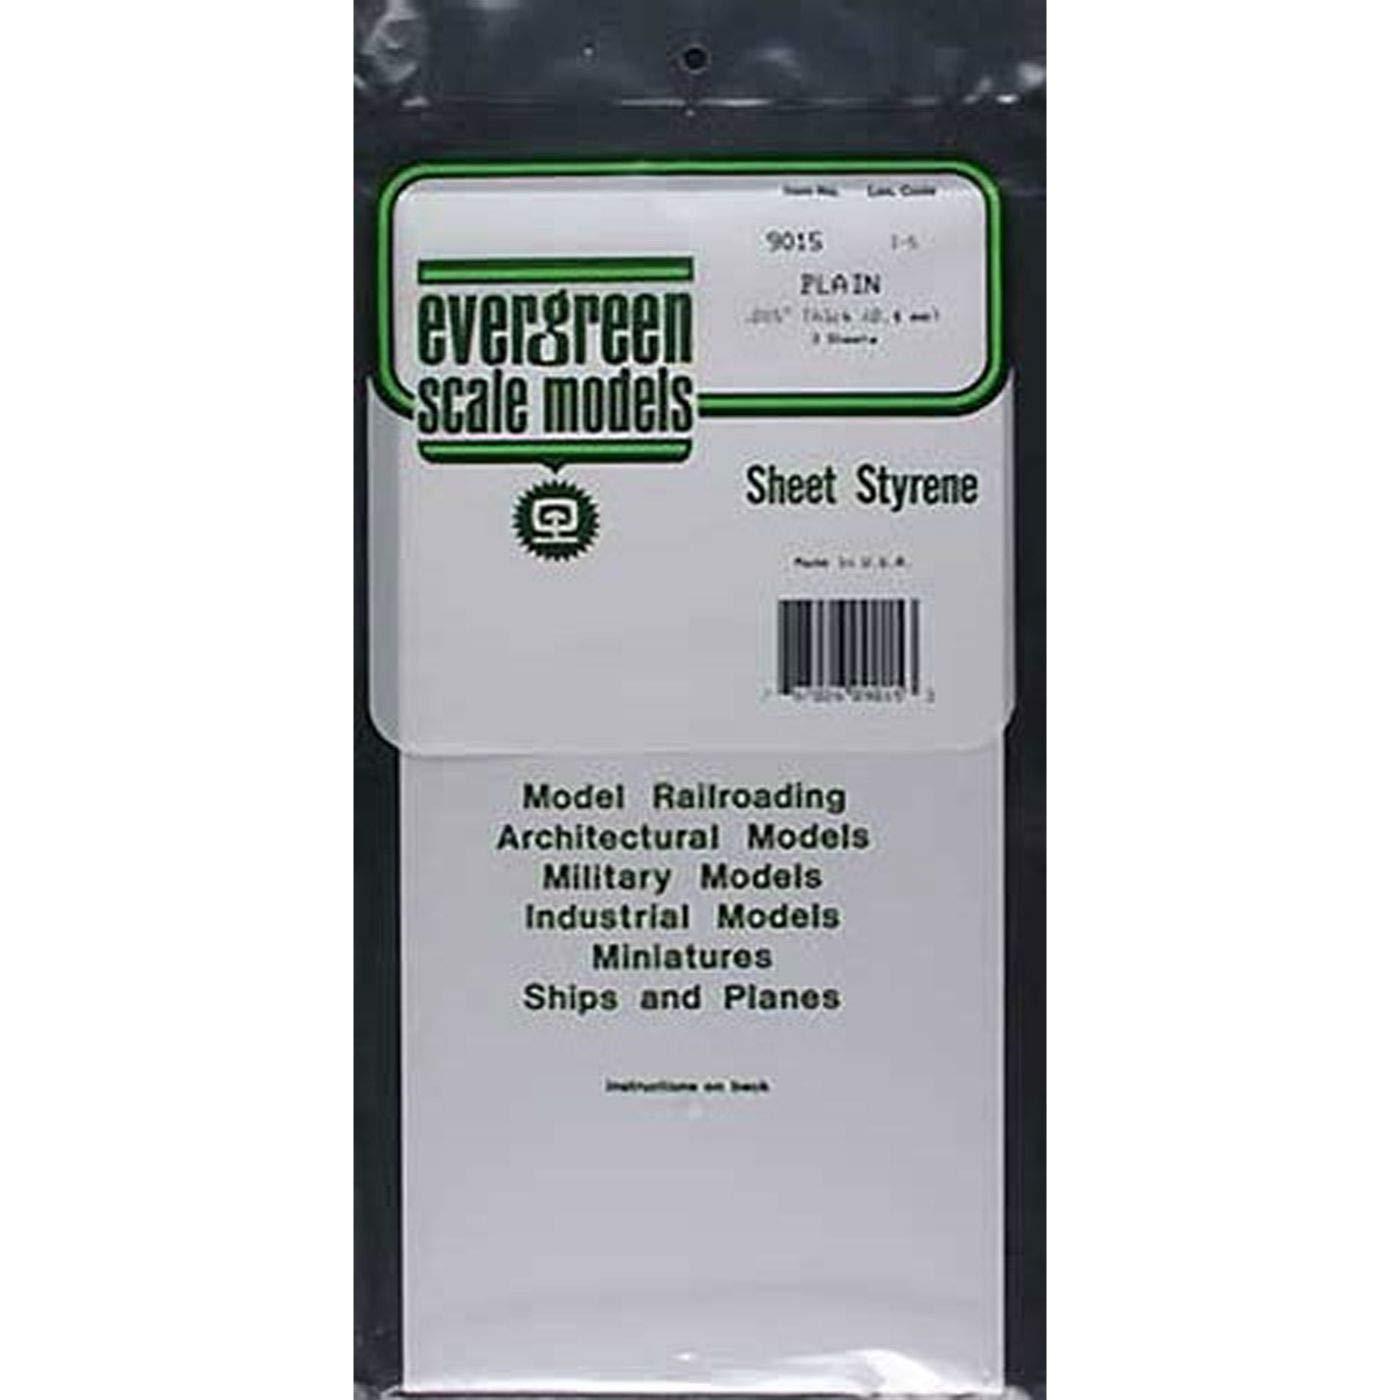 Evergreen 9015 Weiße Polystyrolplatte, 150x300x0,38 mm, 3 Stück International Hobbycraft Co. Inc